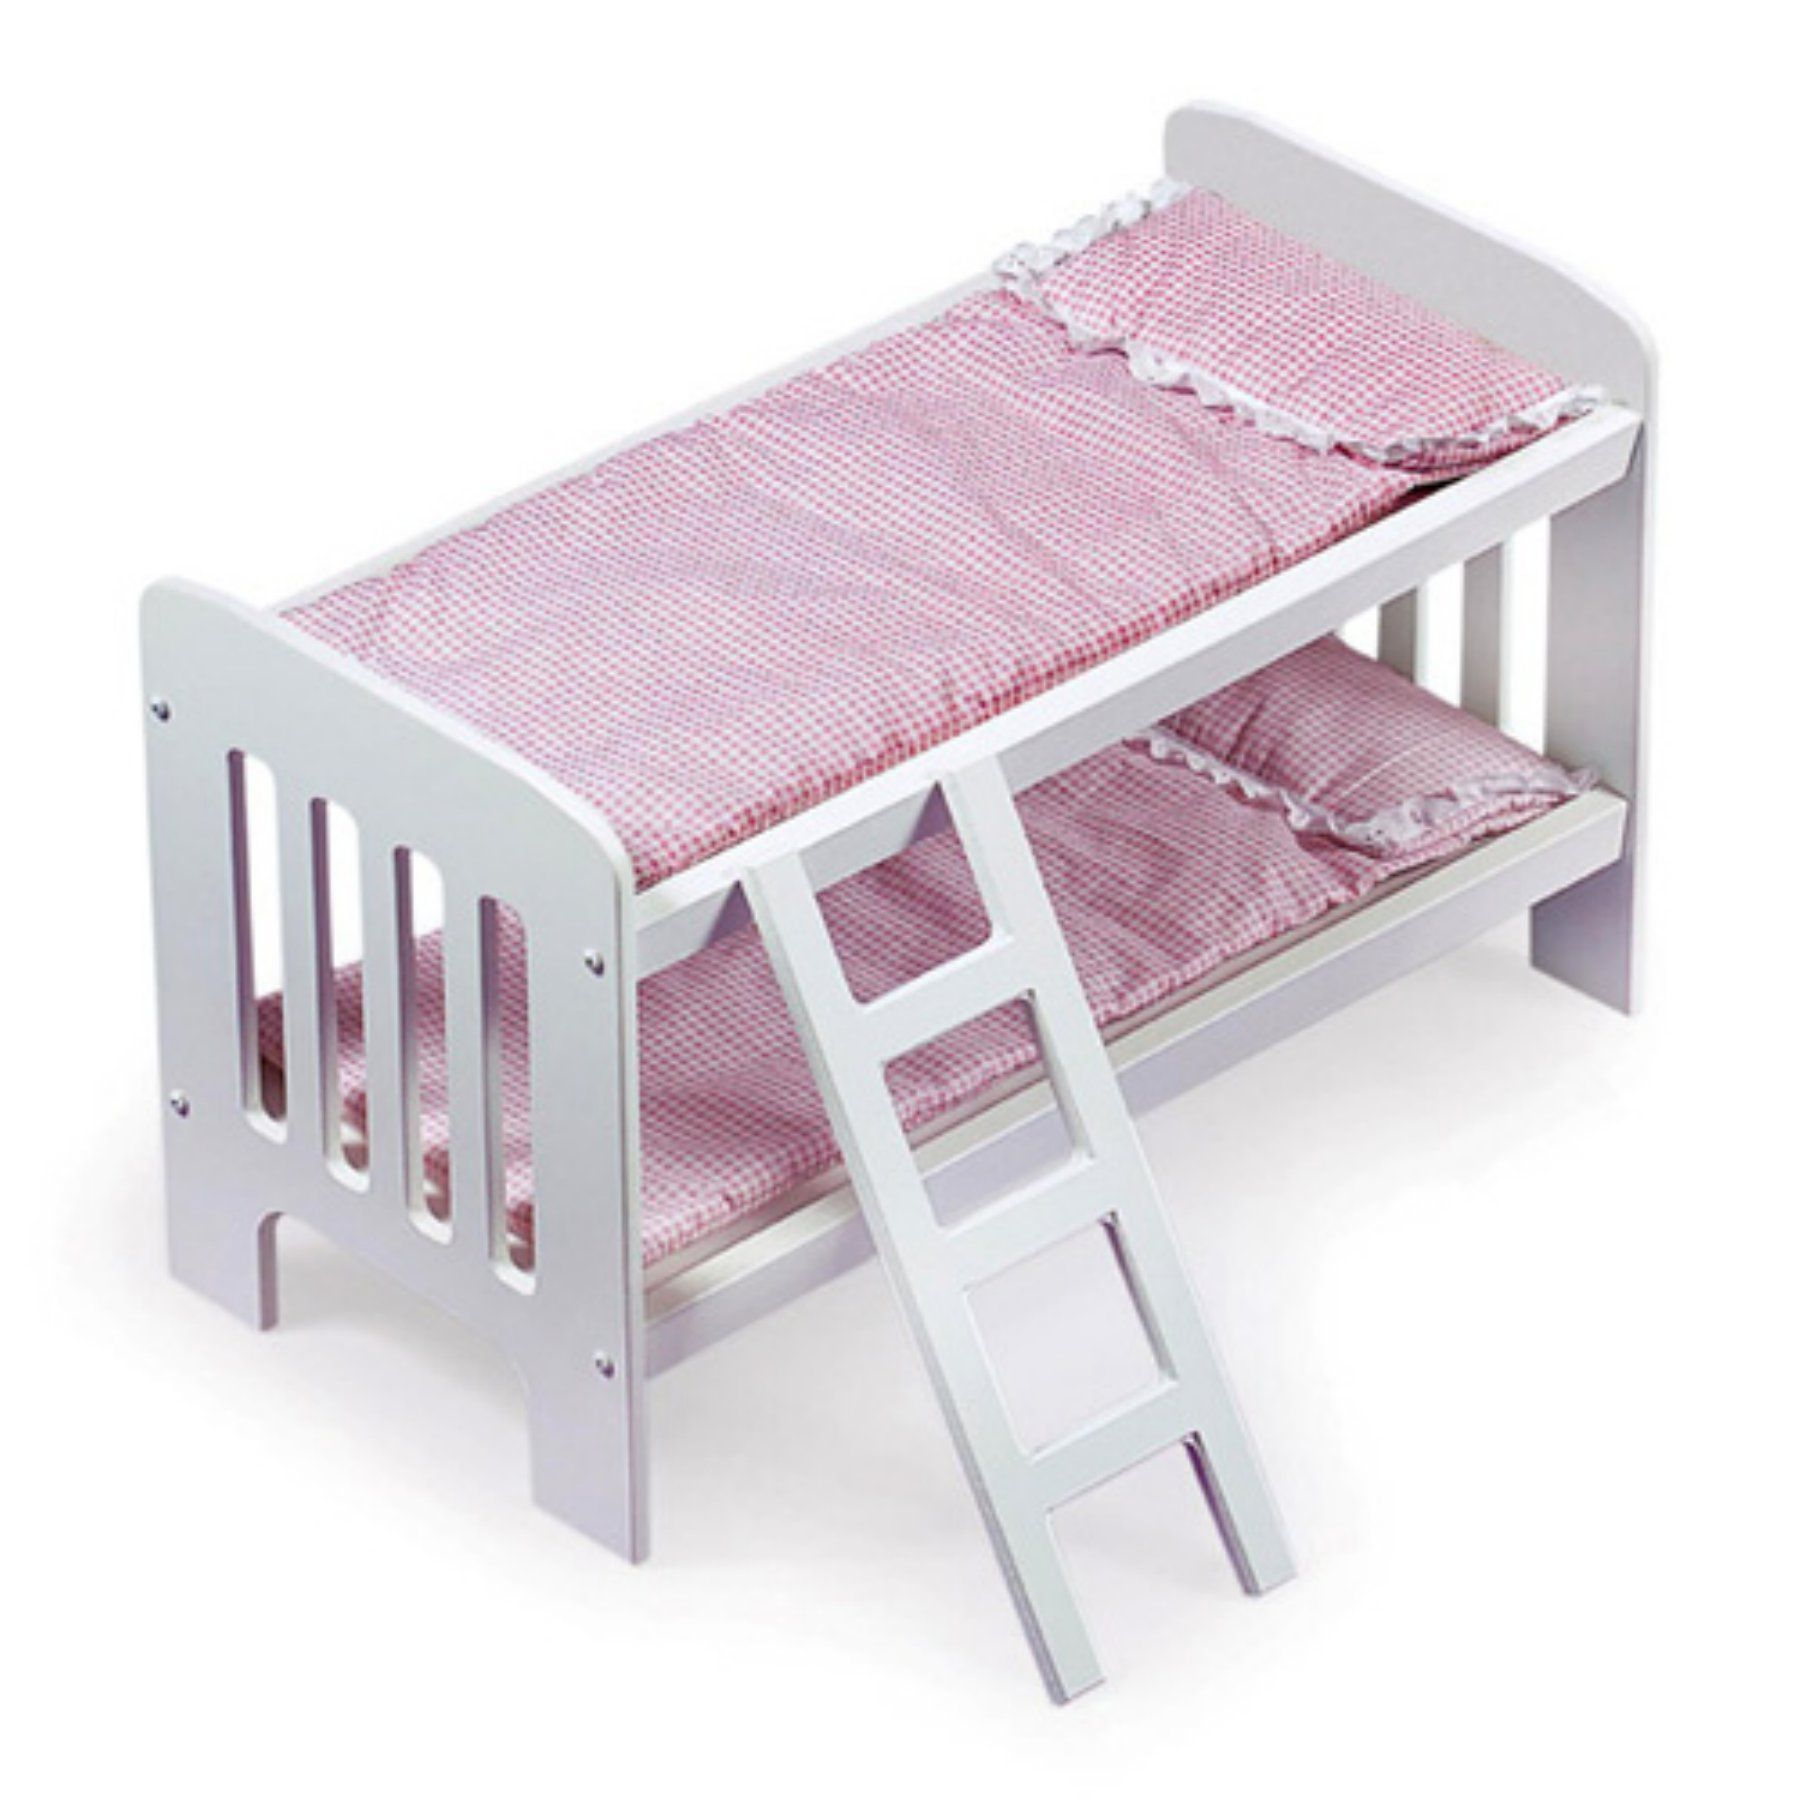 Badger Basket Pink Gingham Princess Doll Bunk Bed with Ladder - 01855